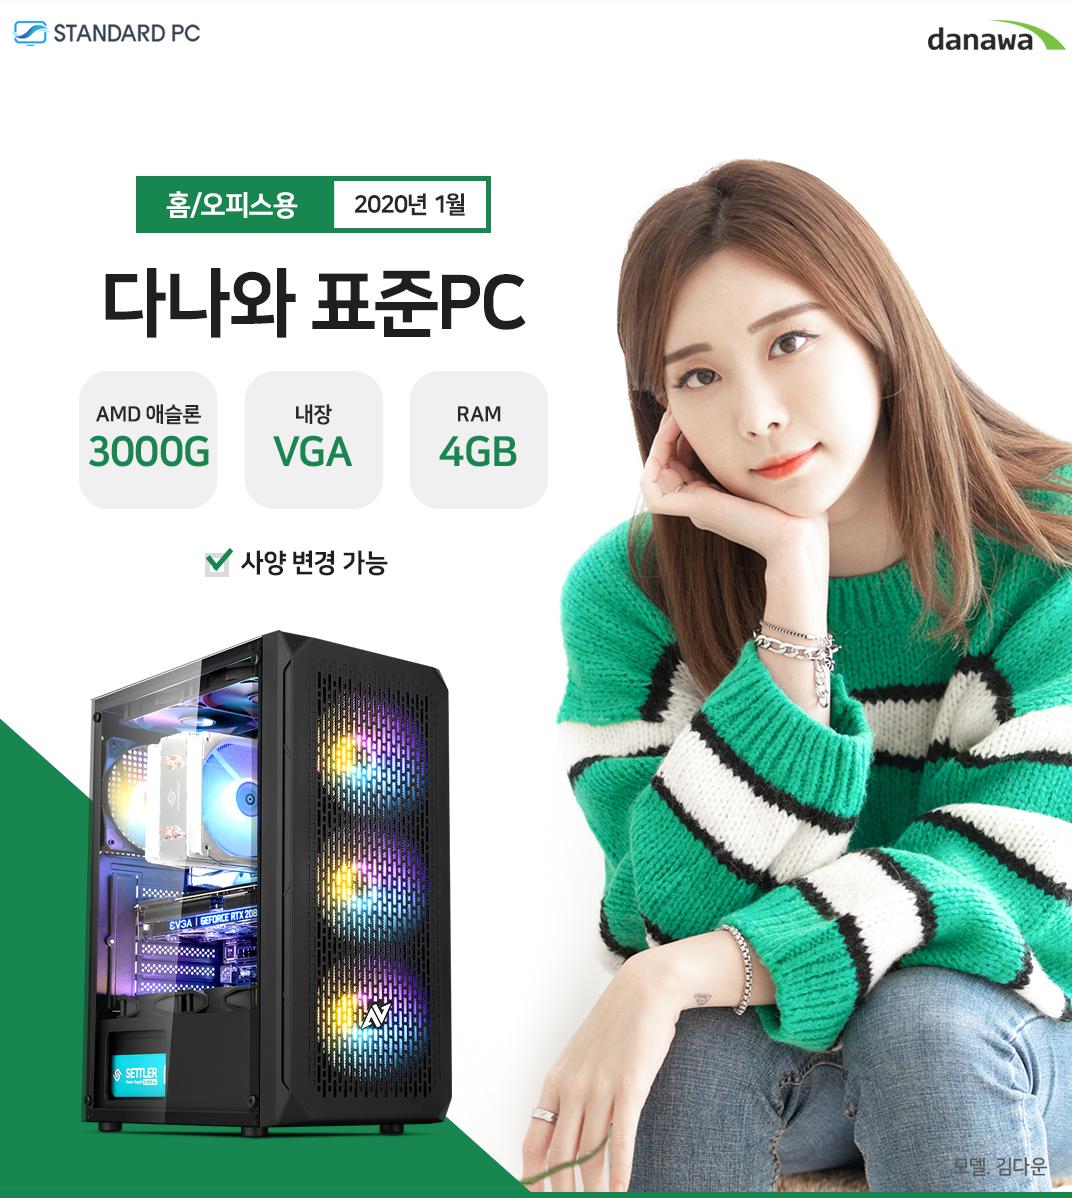 2020년 01월 다나와 표준PC 홈/오피스용 AMD 애슬론 3000G 내장 VGA RAM 4G 모델 김다운